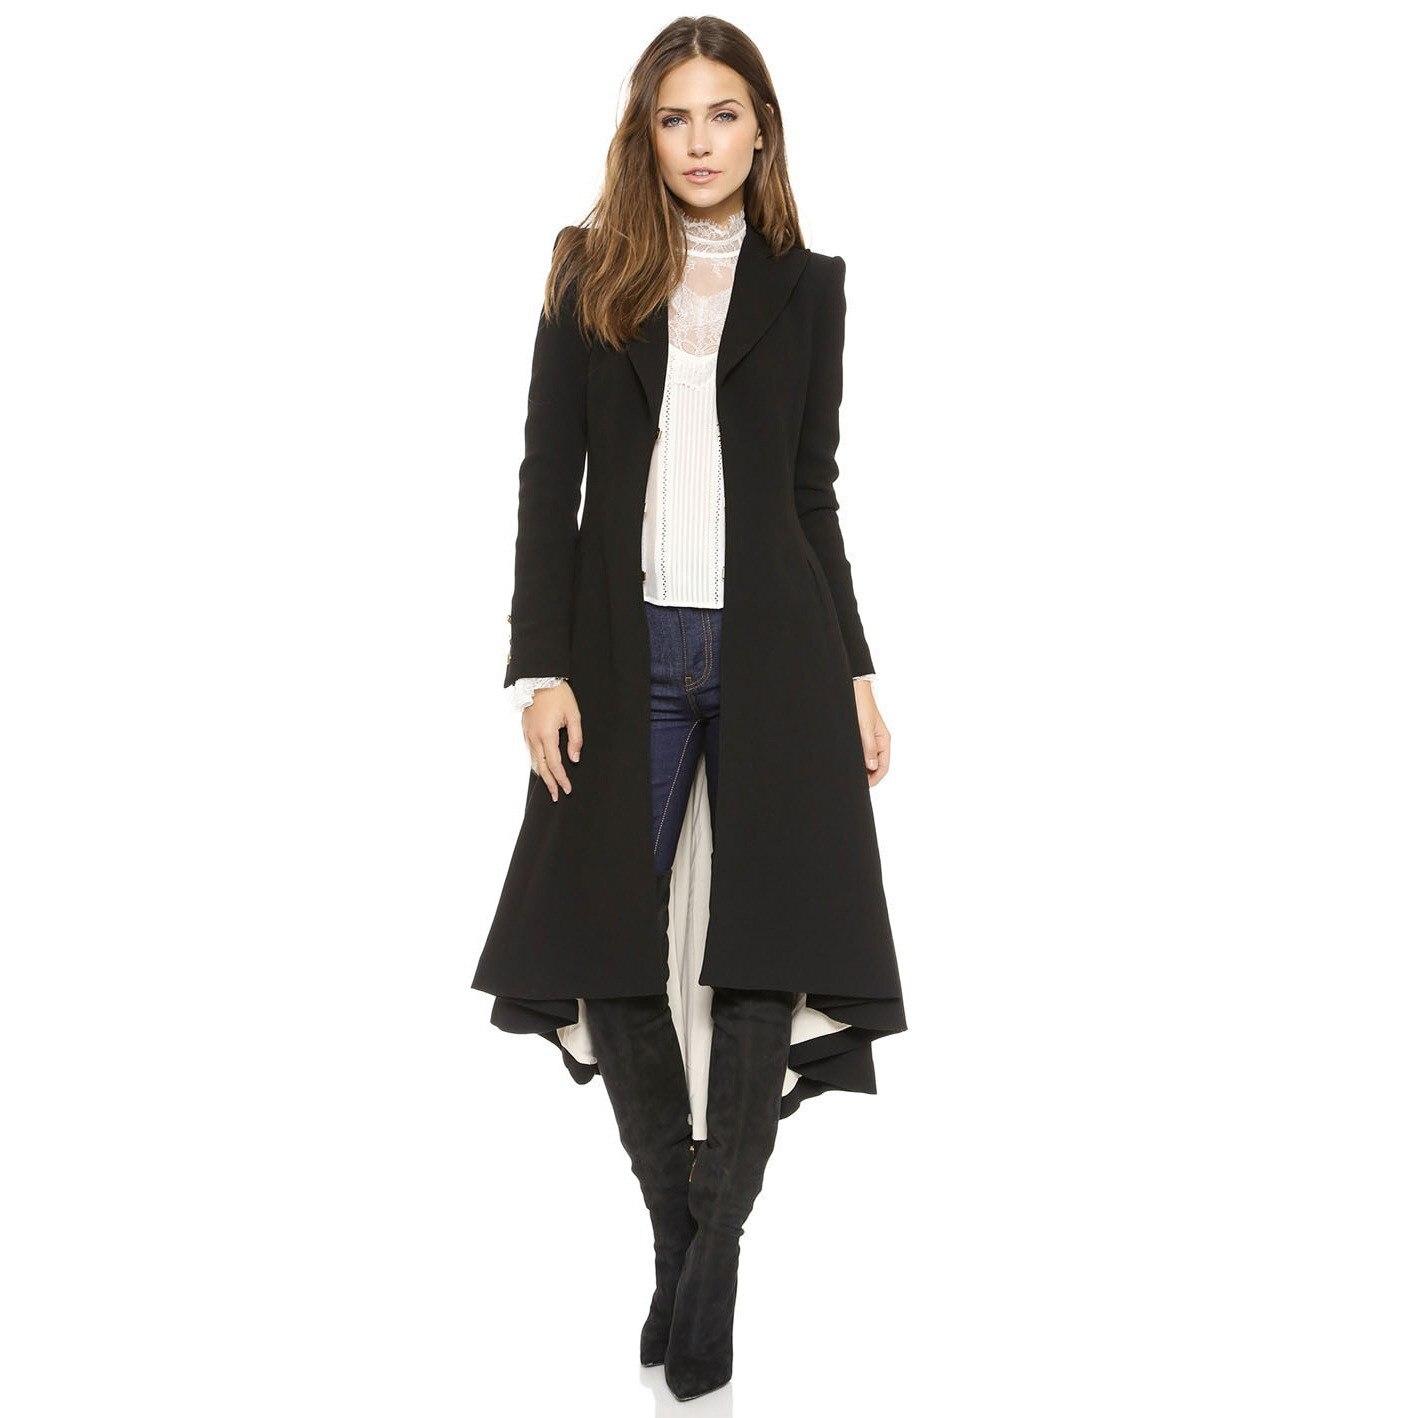 Décontracté Longues coat Style Longue Mode Queue Noir À Automne D'aronde Trench Européenne Manches Tranchée Mince Femmes Maxi Twq1Fxt8Y